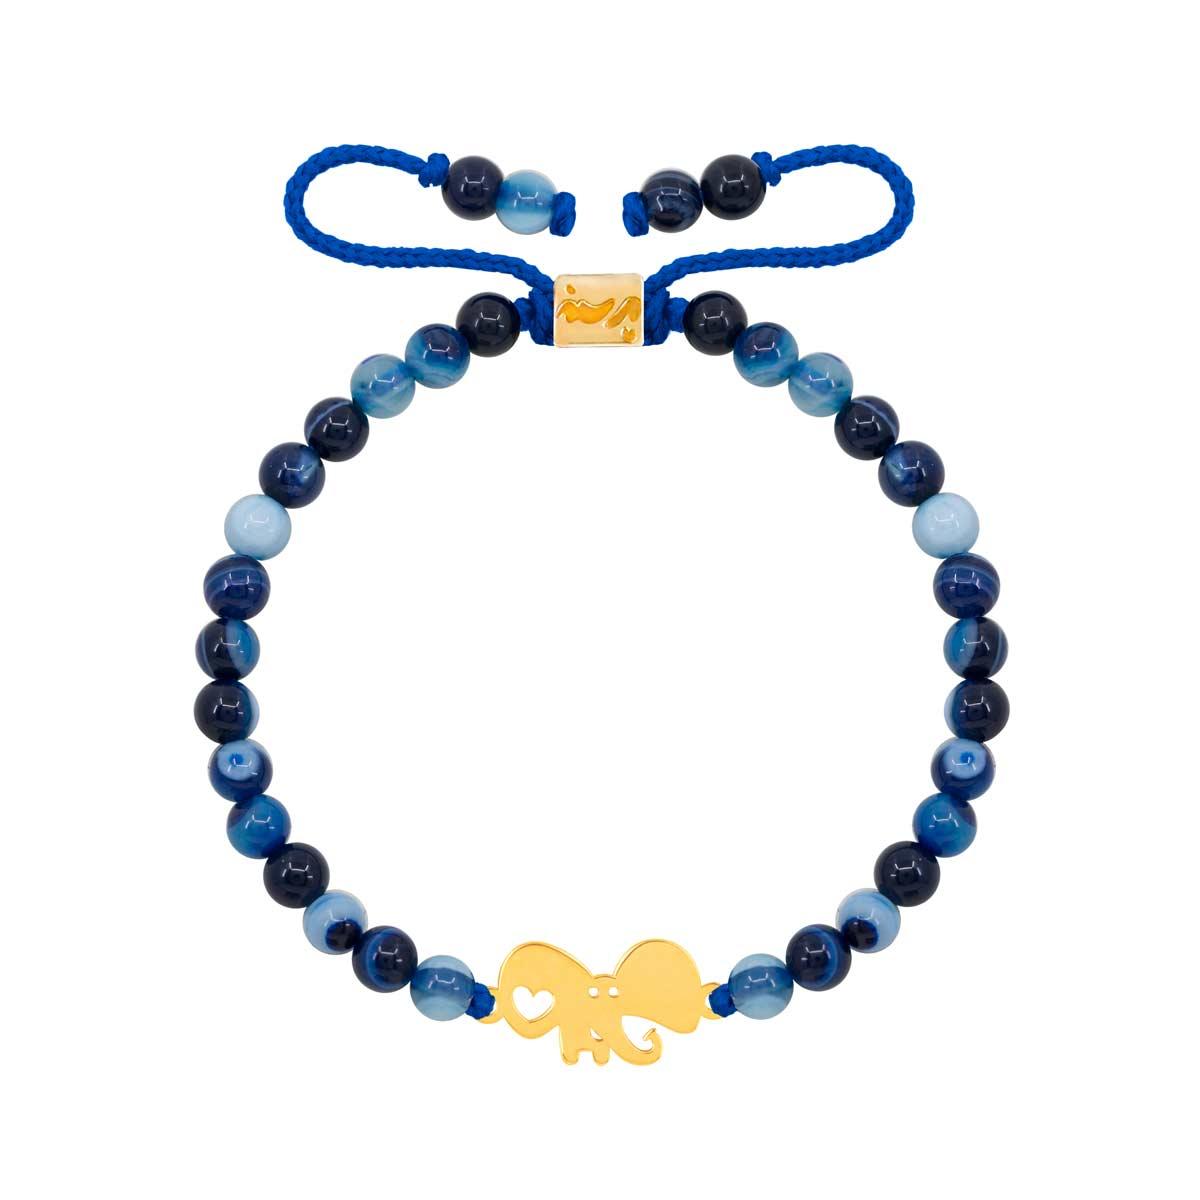 دستبند طلا بچه گانه سنگی فیل و قلب و جید آبی